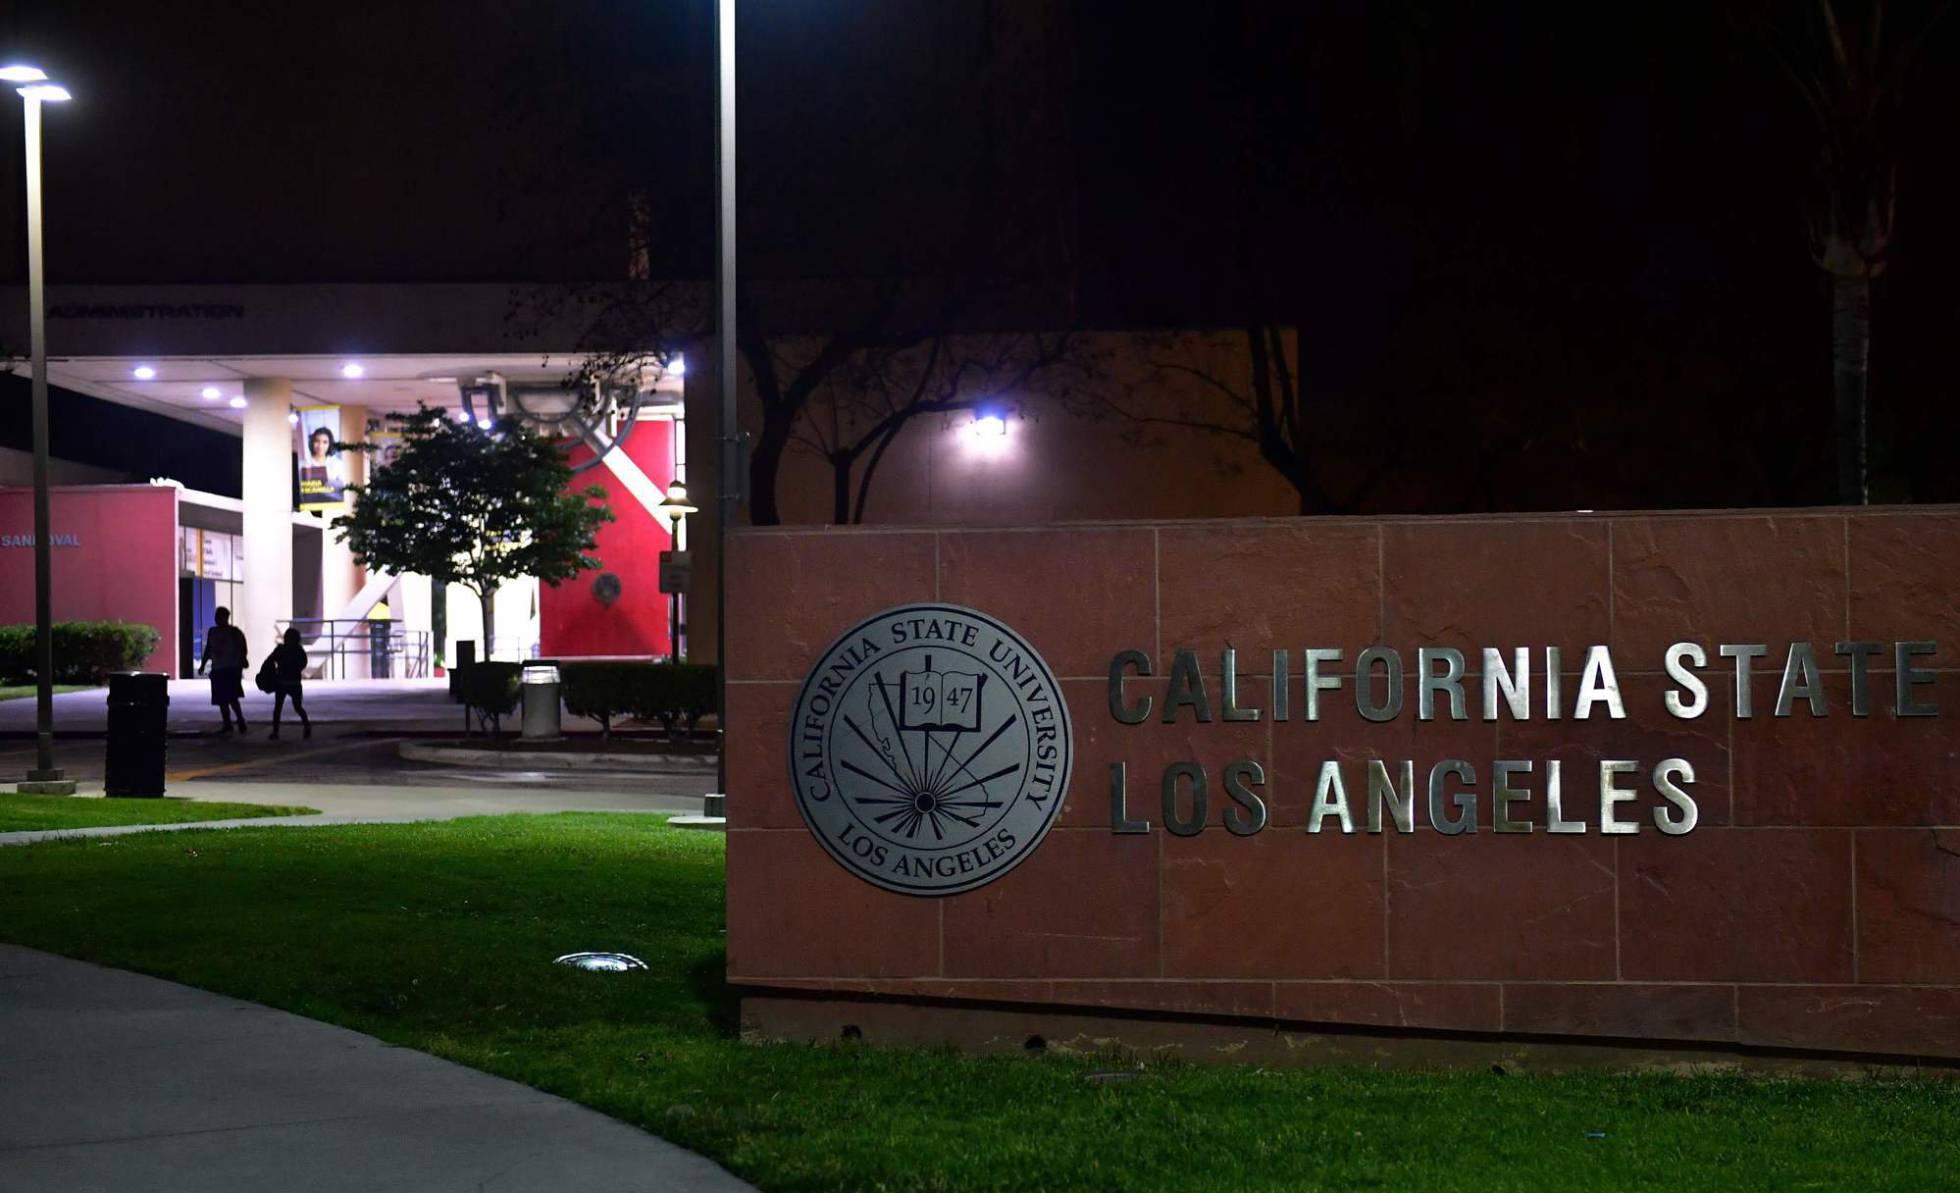 universidad estatal de california